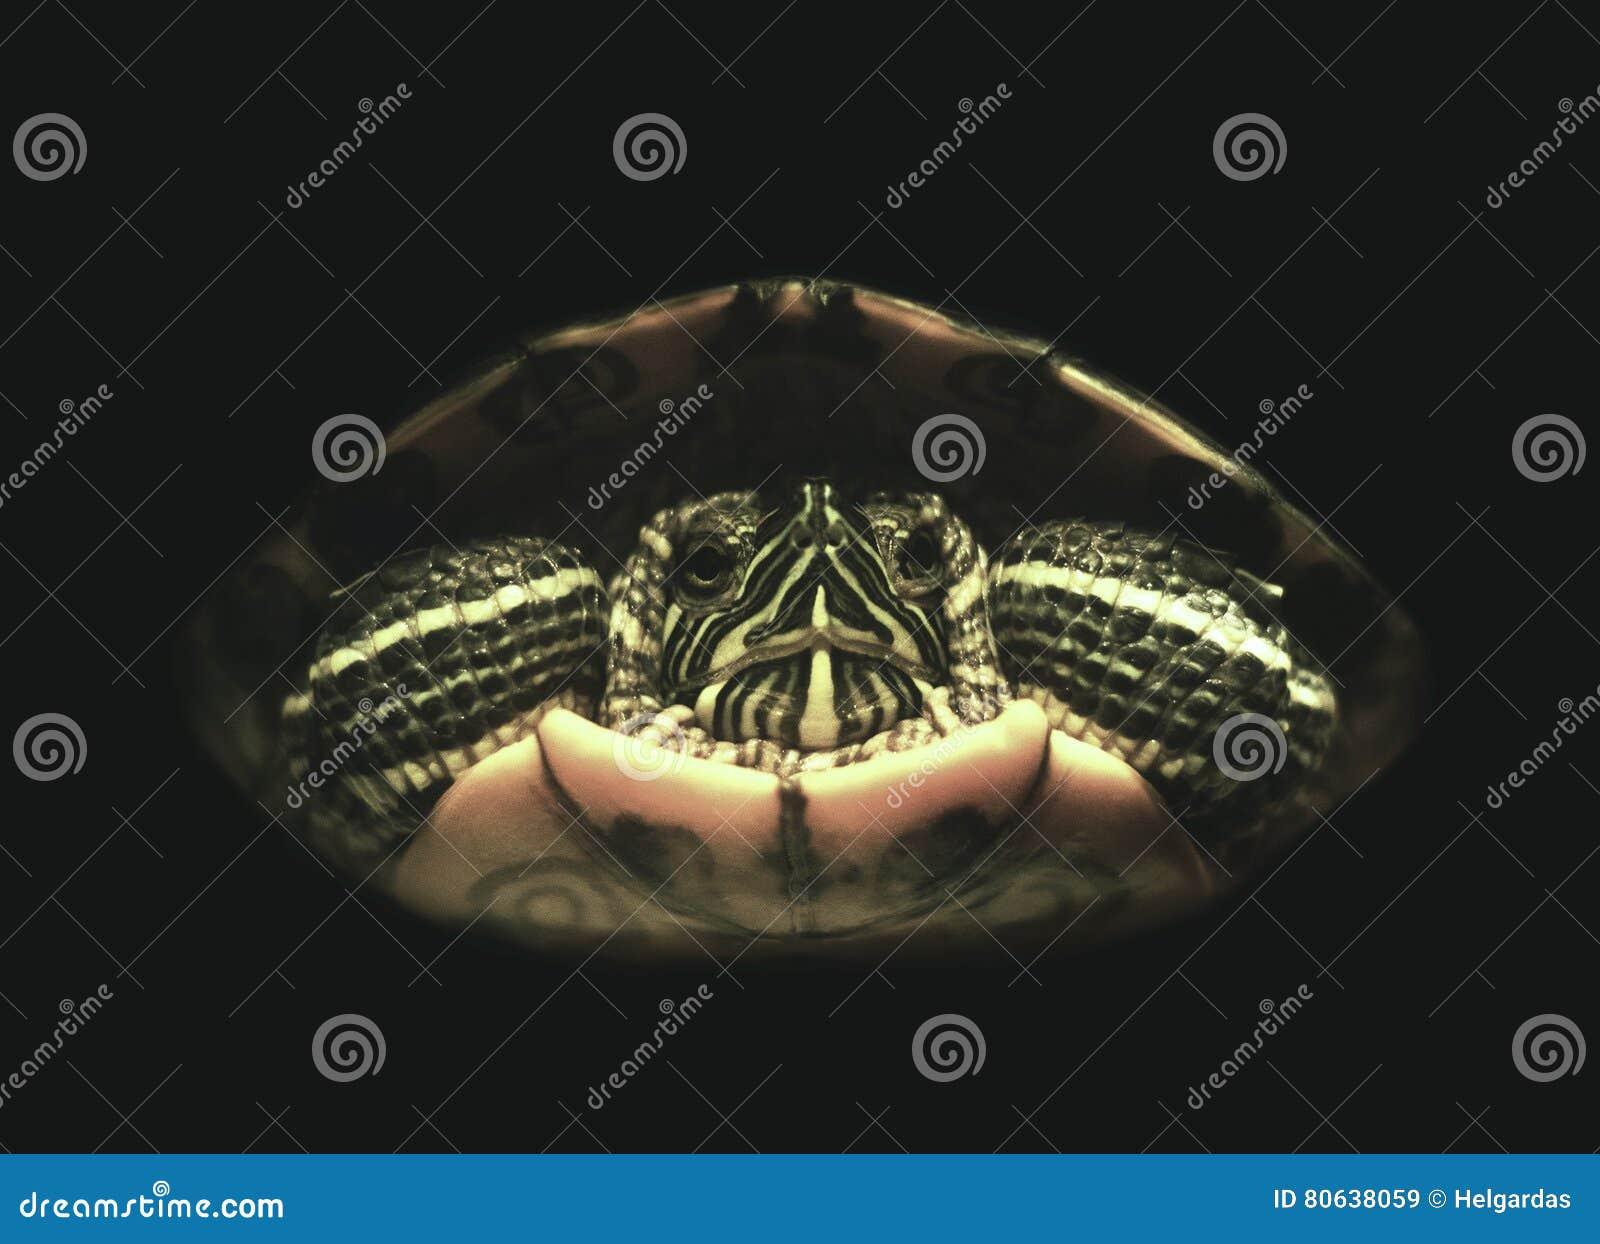 Rot-Ohr Schildkröte